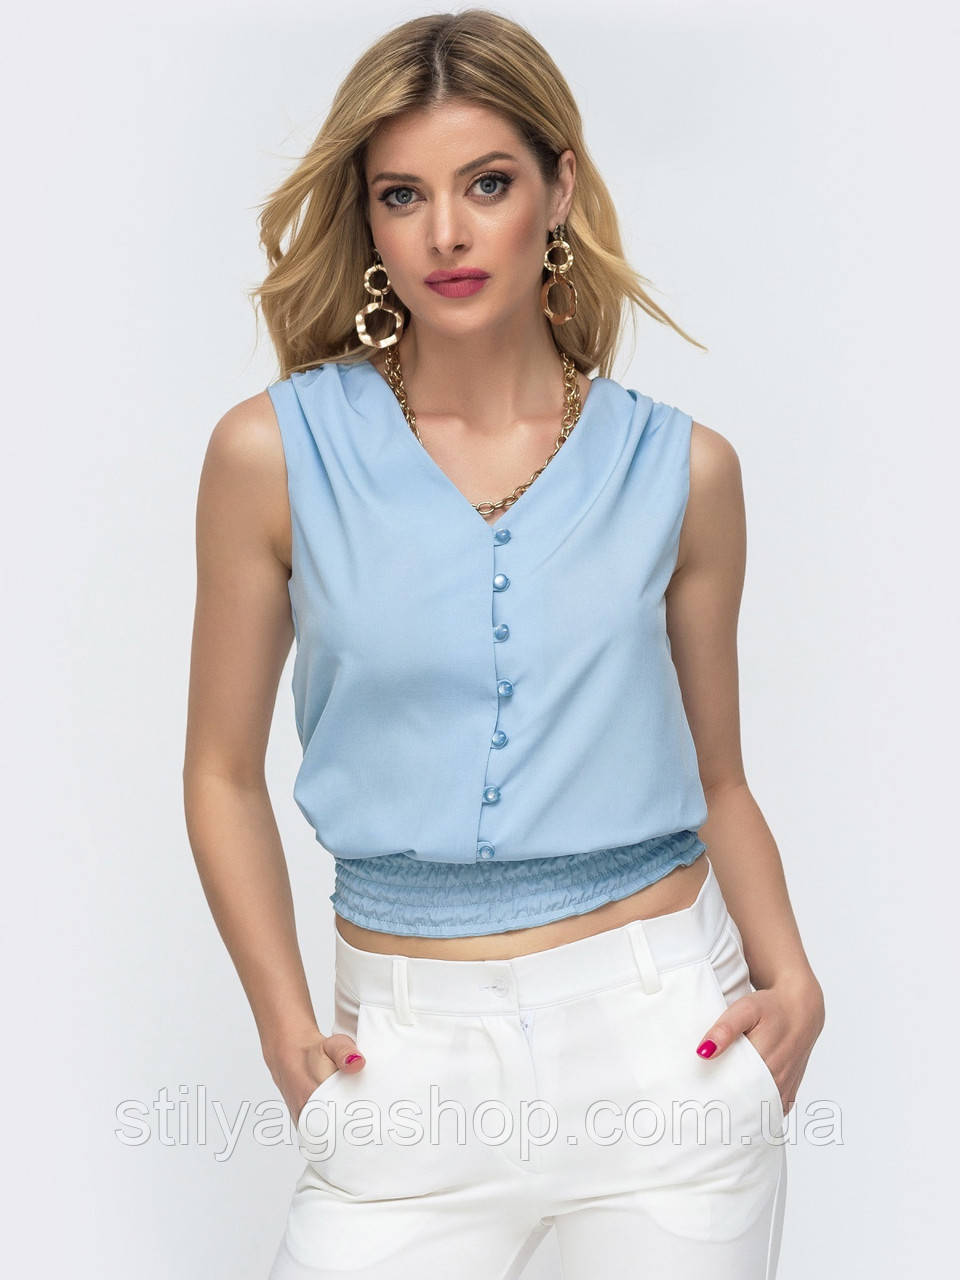 Базовая блузка без рукавов с оборкой по низу ЛЕТО